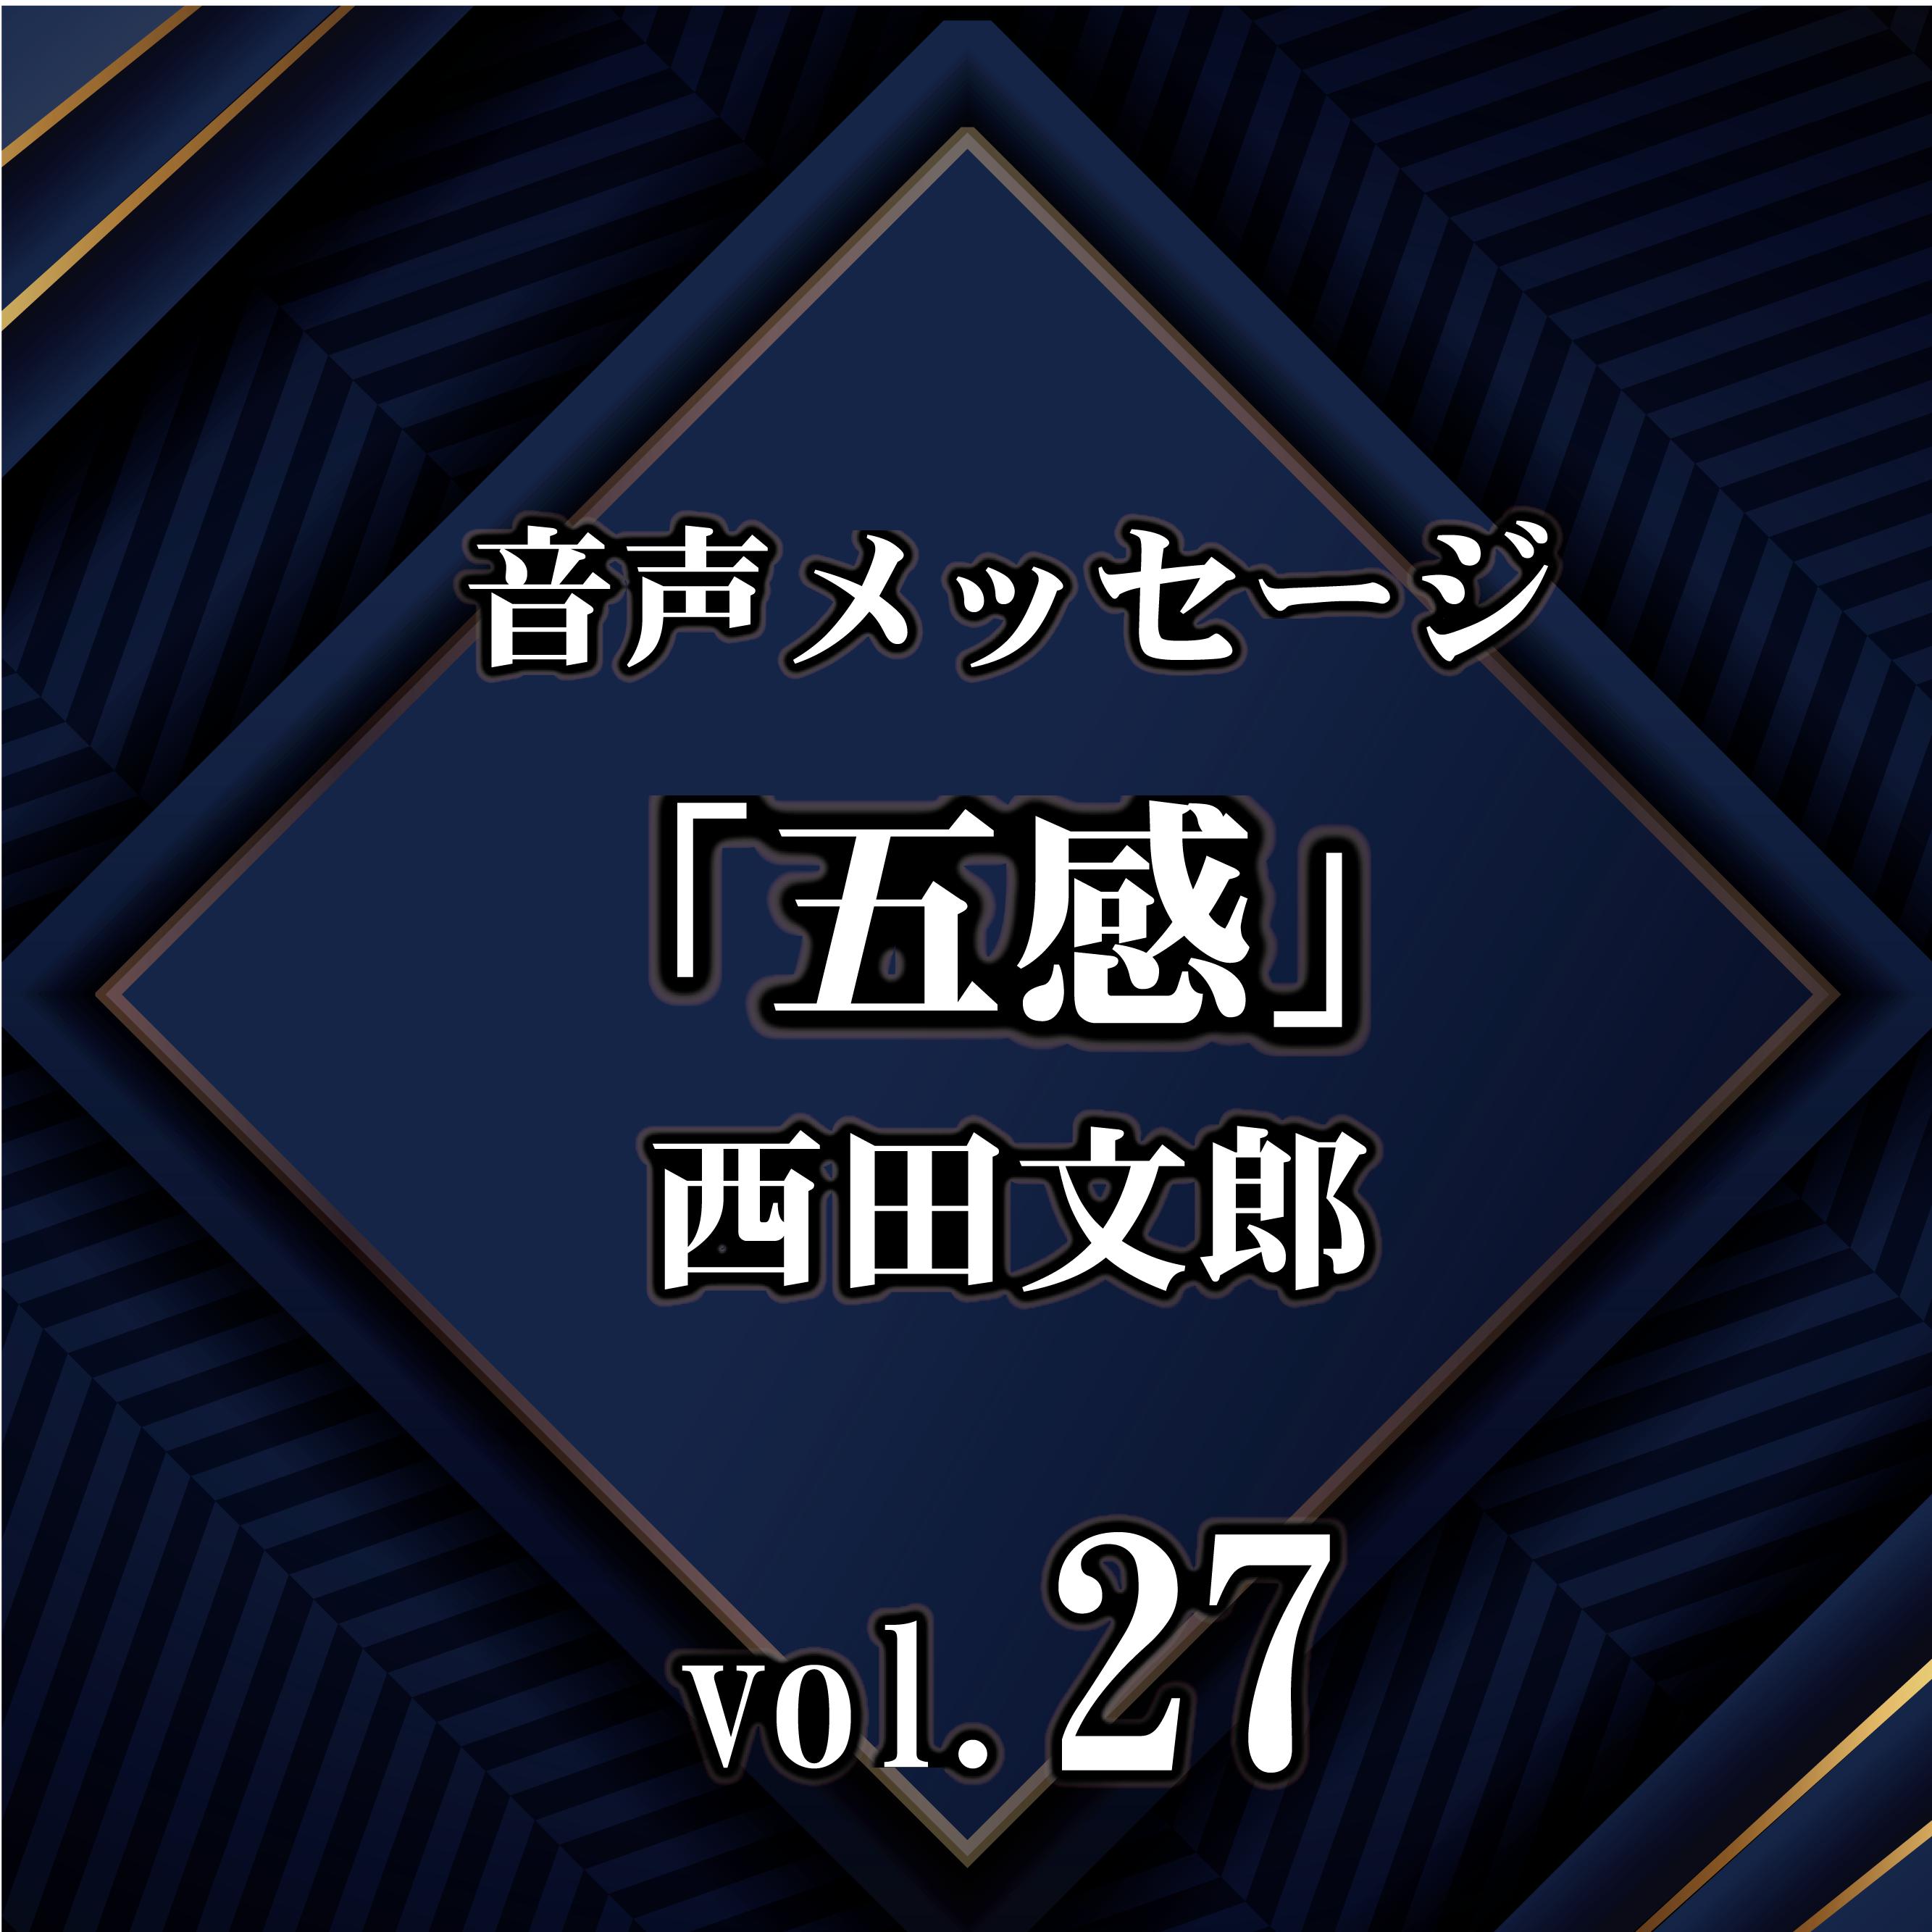 西田文郎 音声メッセージvol.27『五感』